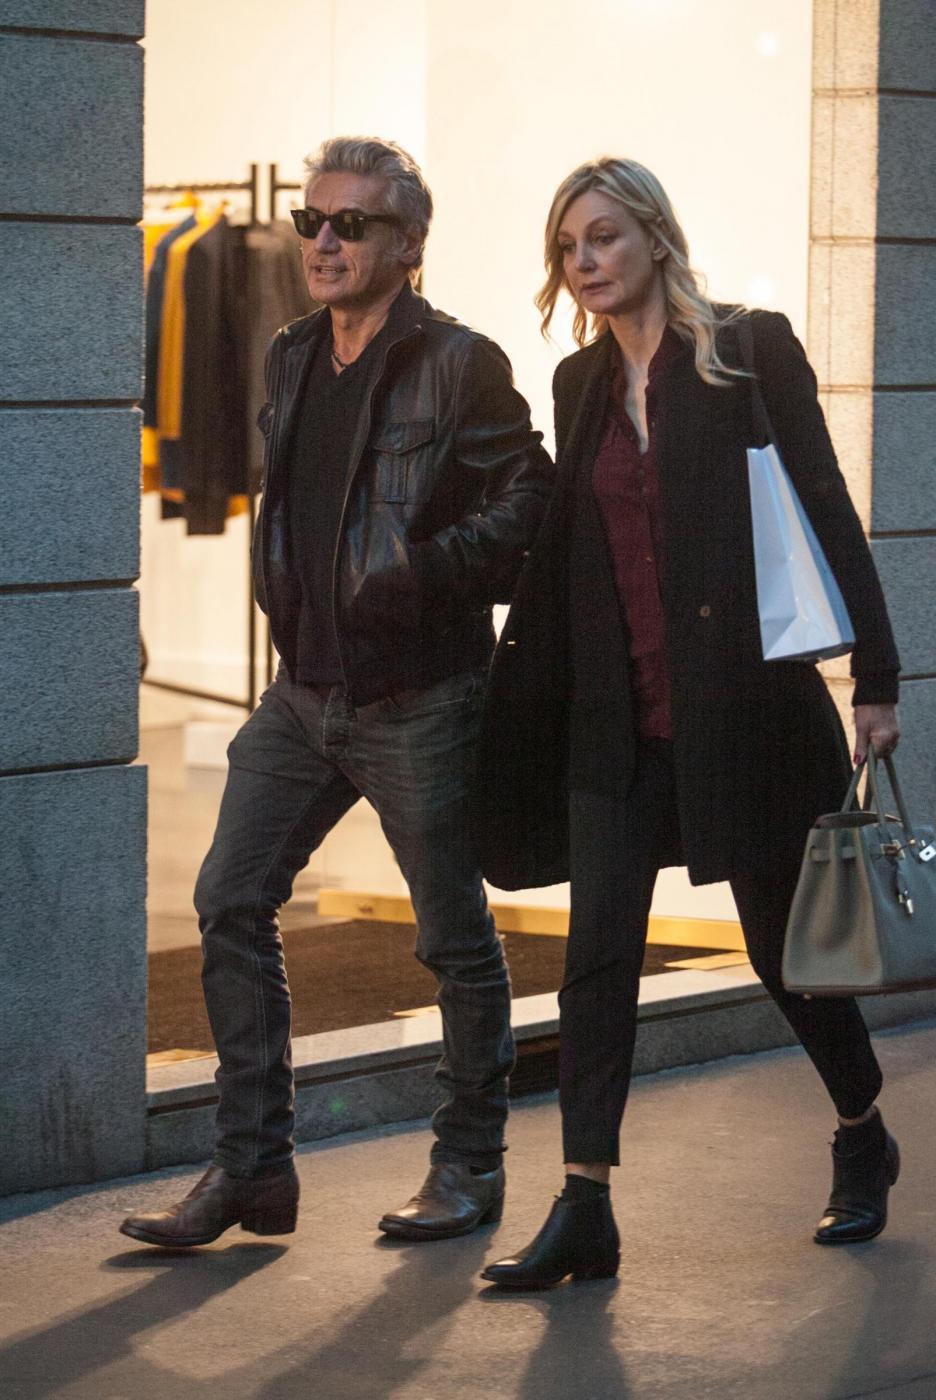 Luciano Ligabue e la moglie Barbara Pozzo a passeggio FOTO 8